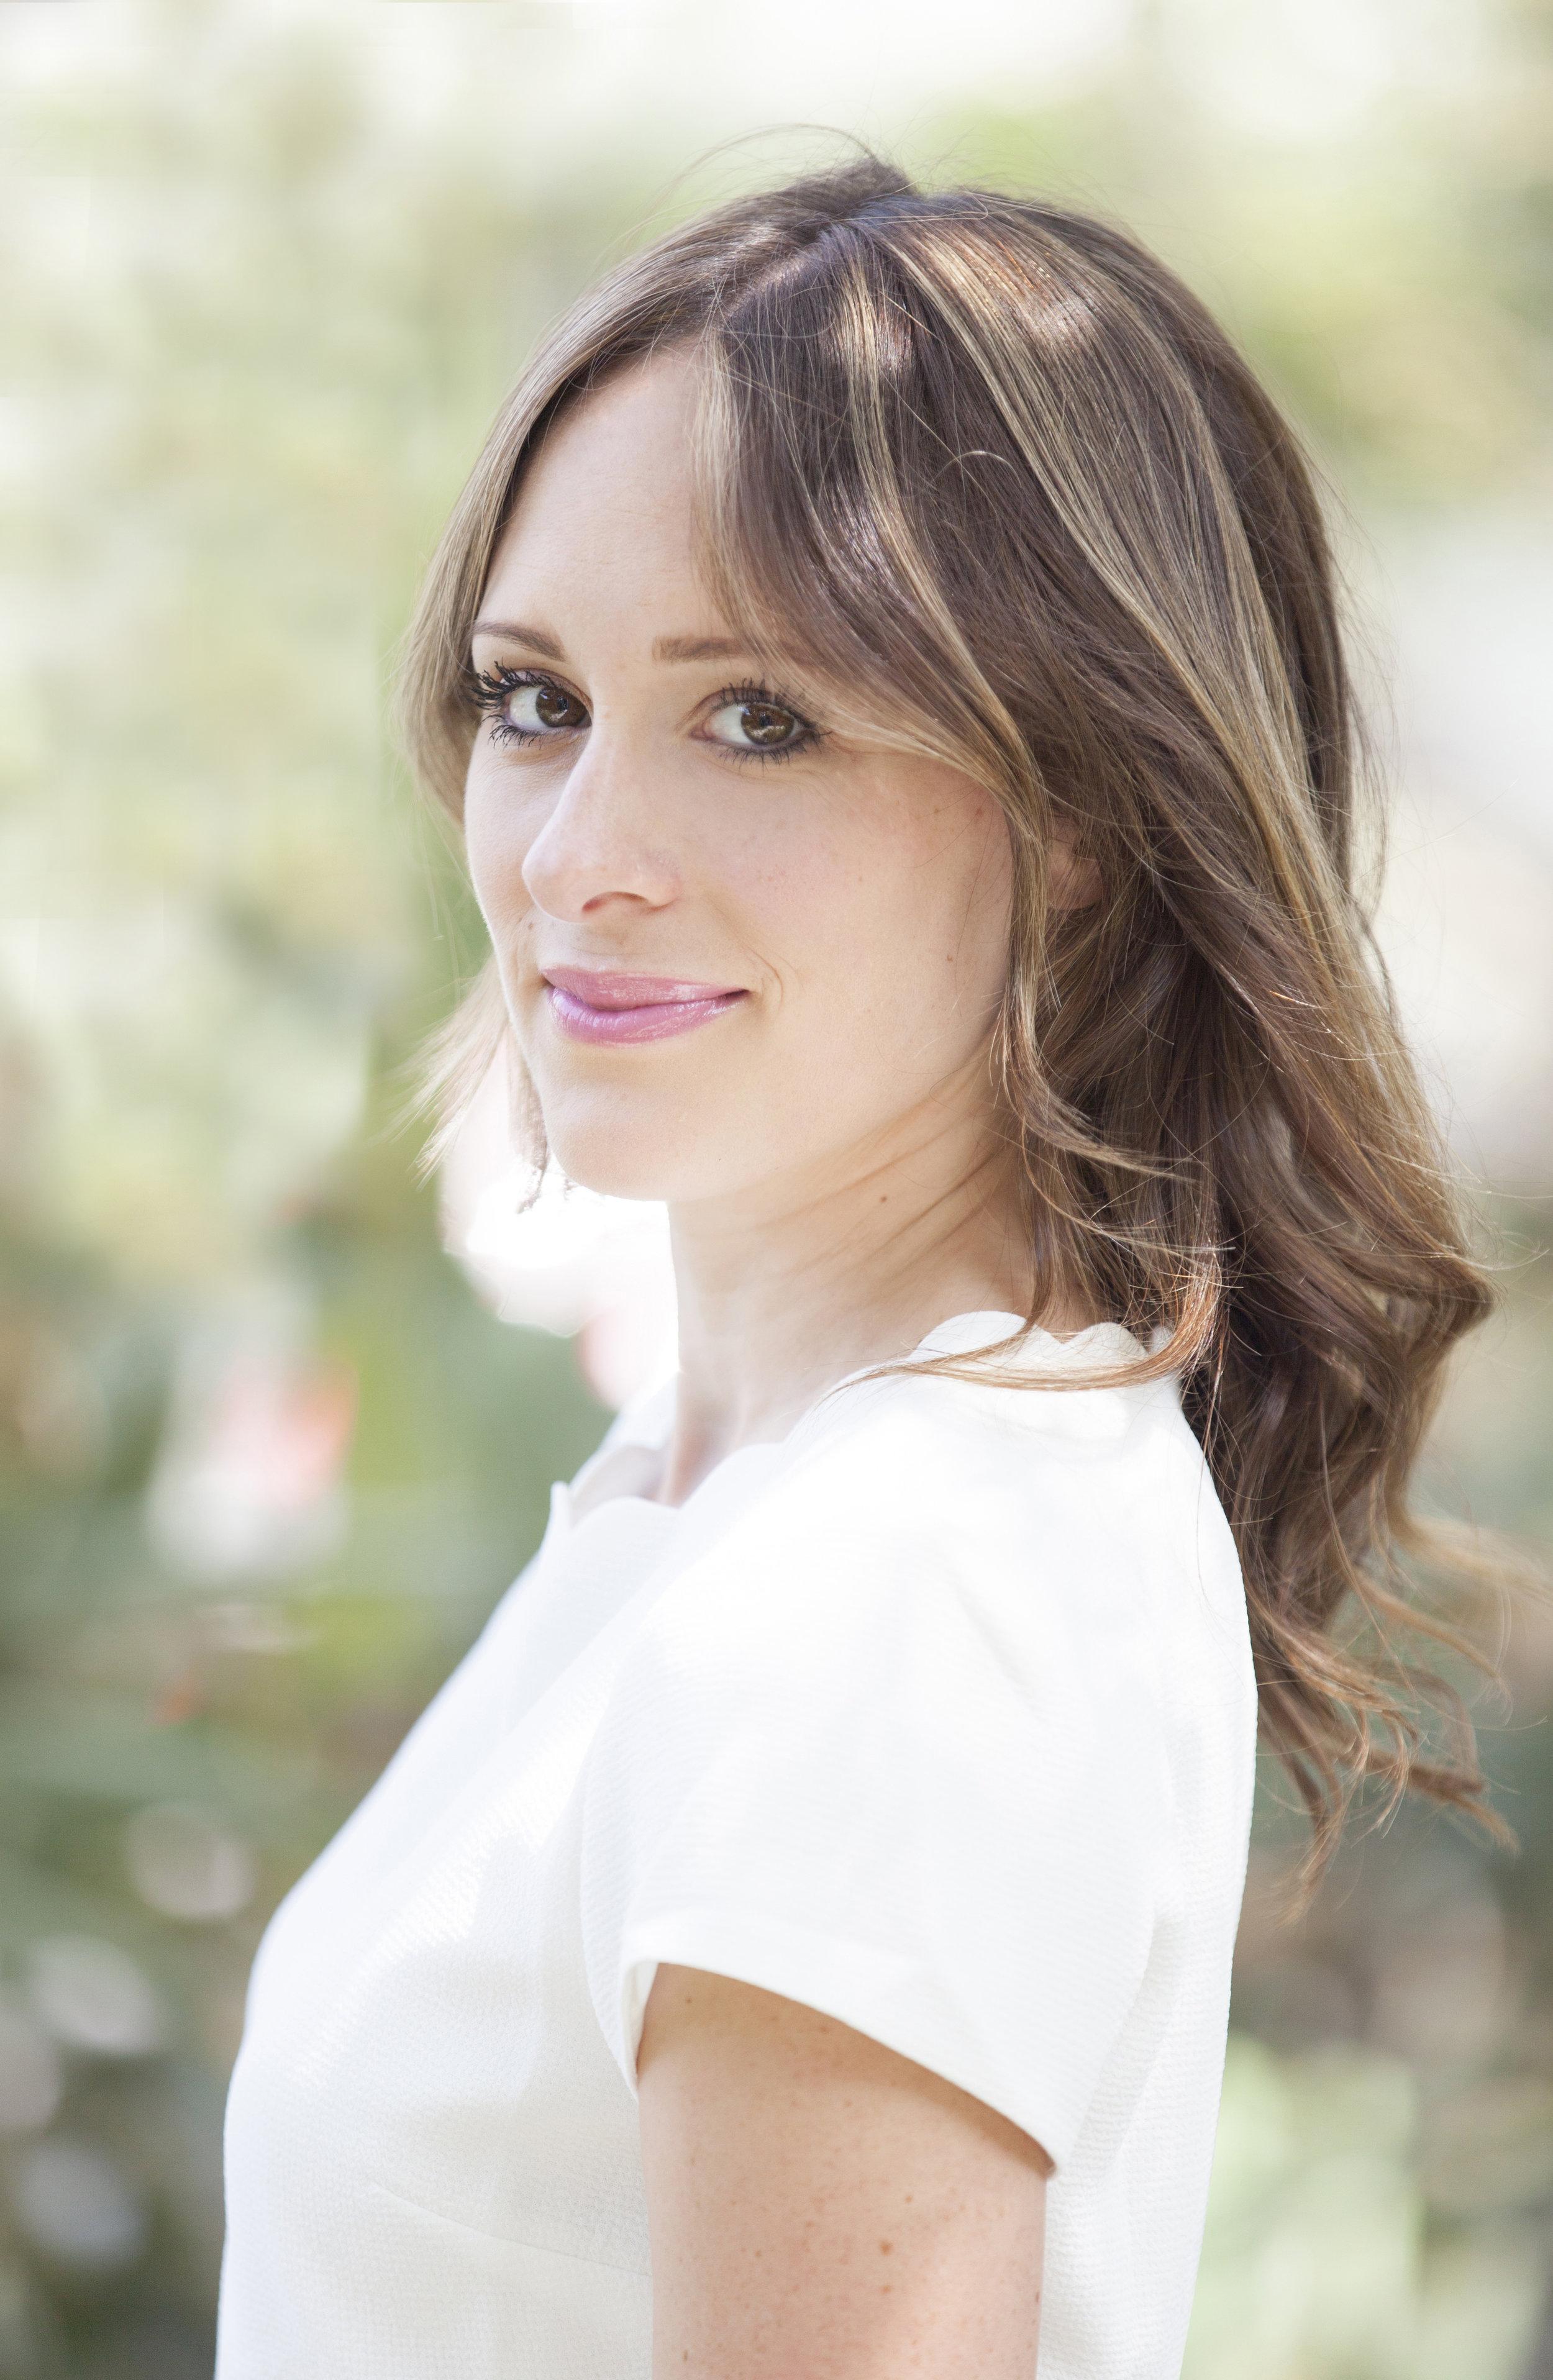 Michelle Feiner, founder of Emissaries.